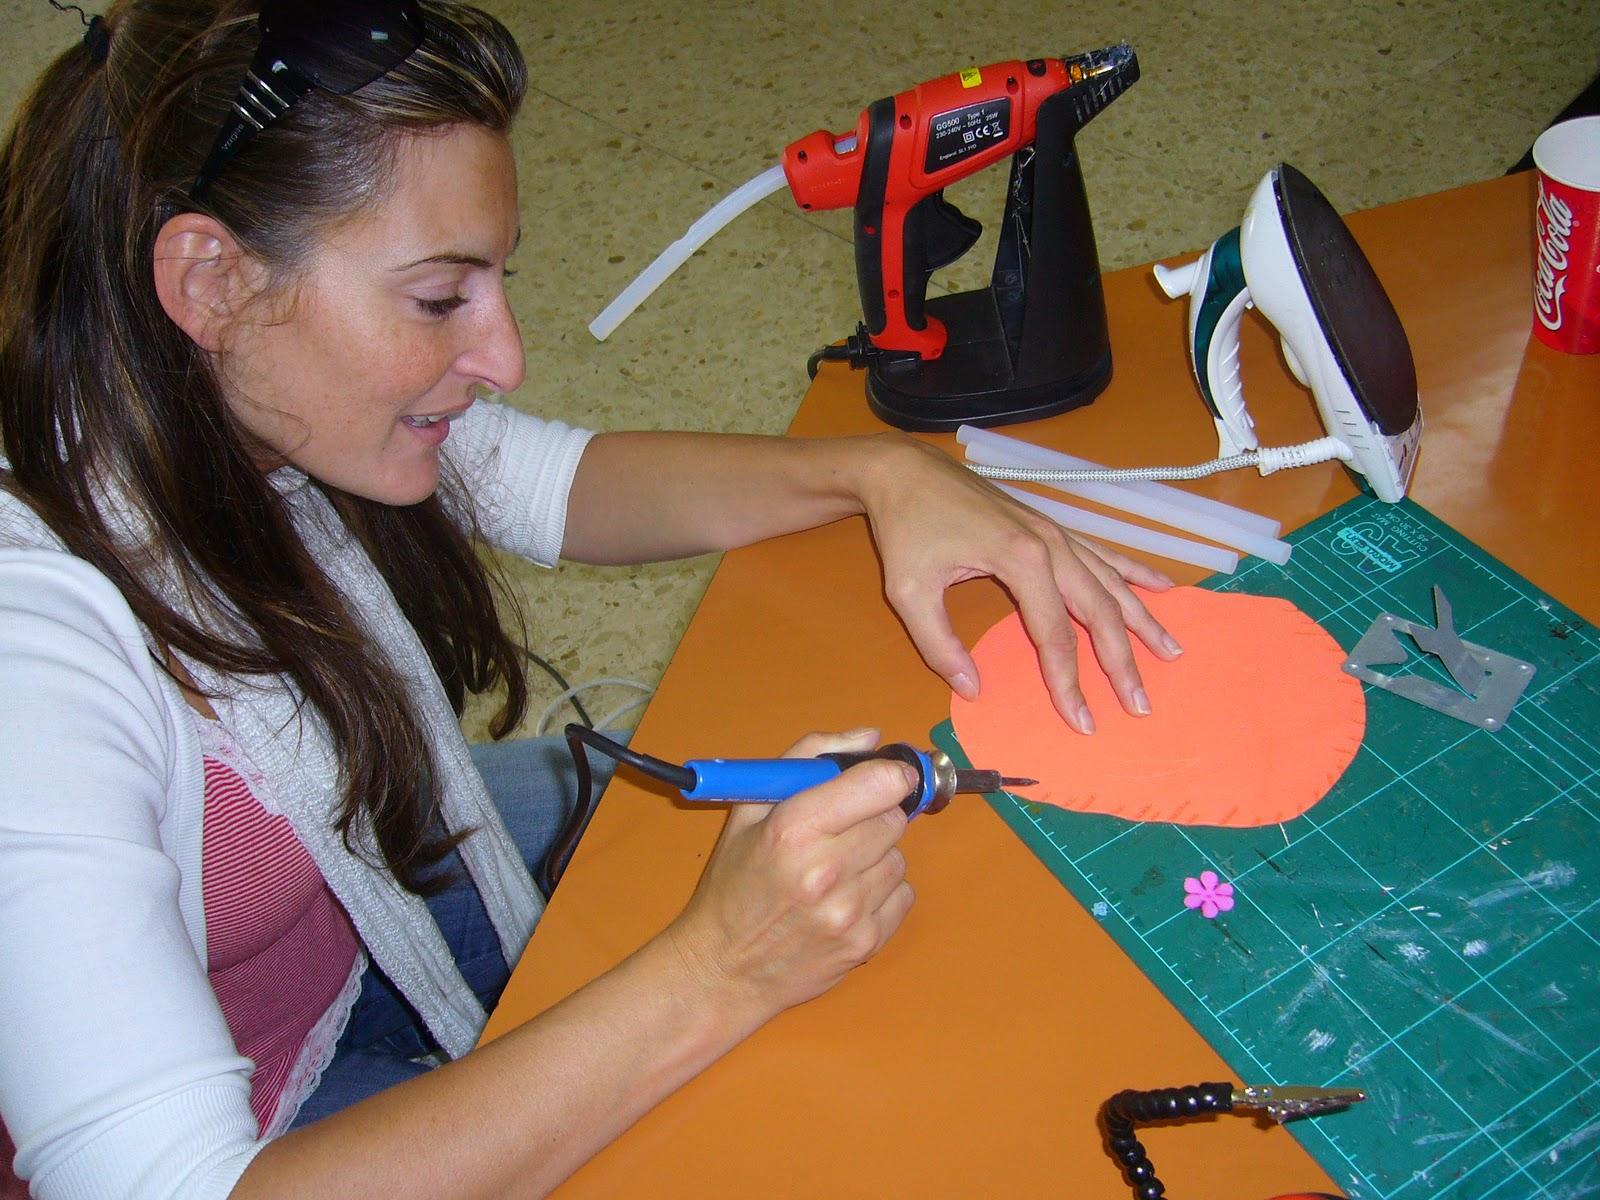 http://1.bp.blogspot.com/_UwtWR98eE-g/TKhWzqhz8-I/AAAAAAAAA90/m5REABnwo-w/s1600/curso+Trabada-Lugo+001.JPG